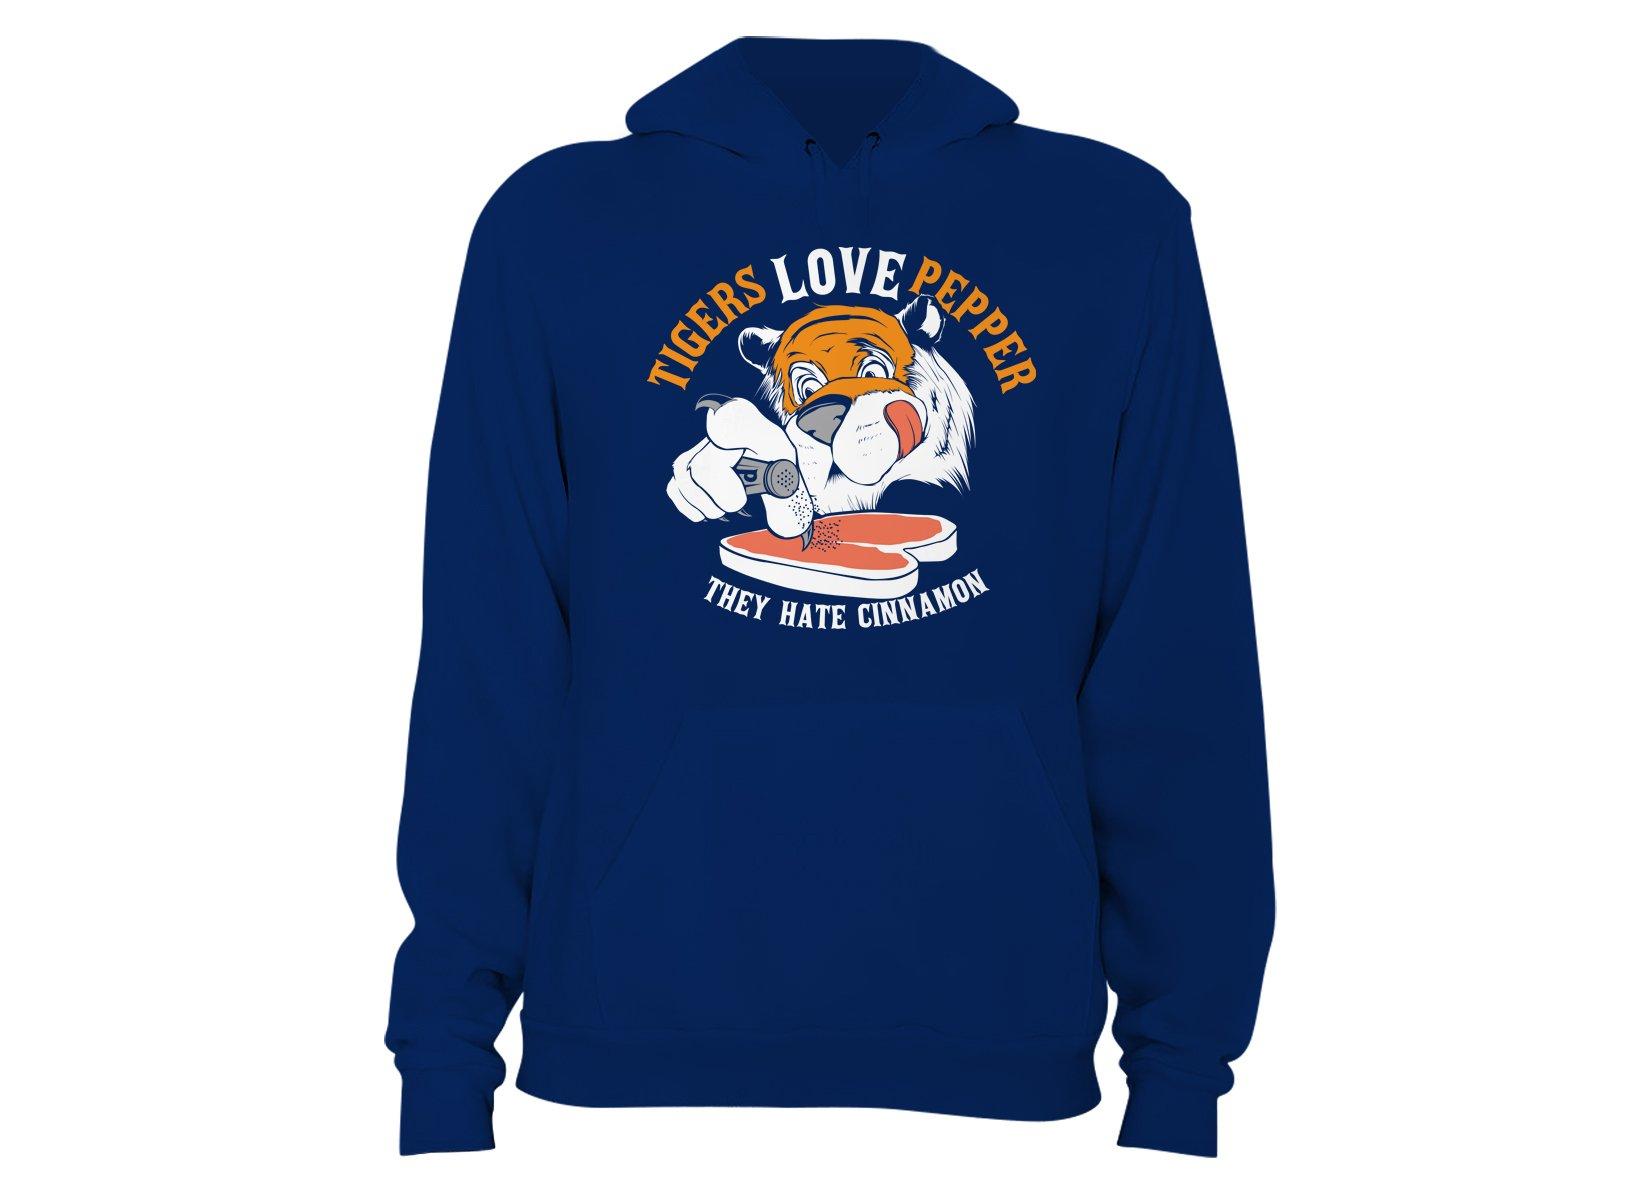 Tigers Love Pepper on Hoodie